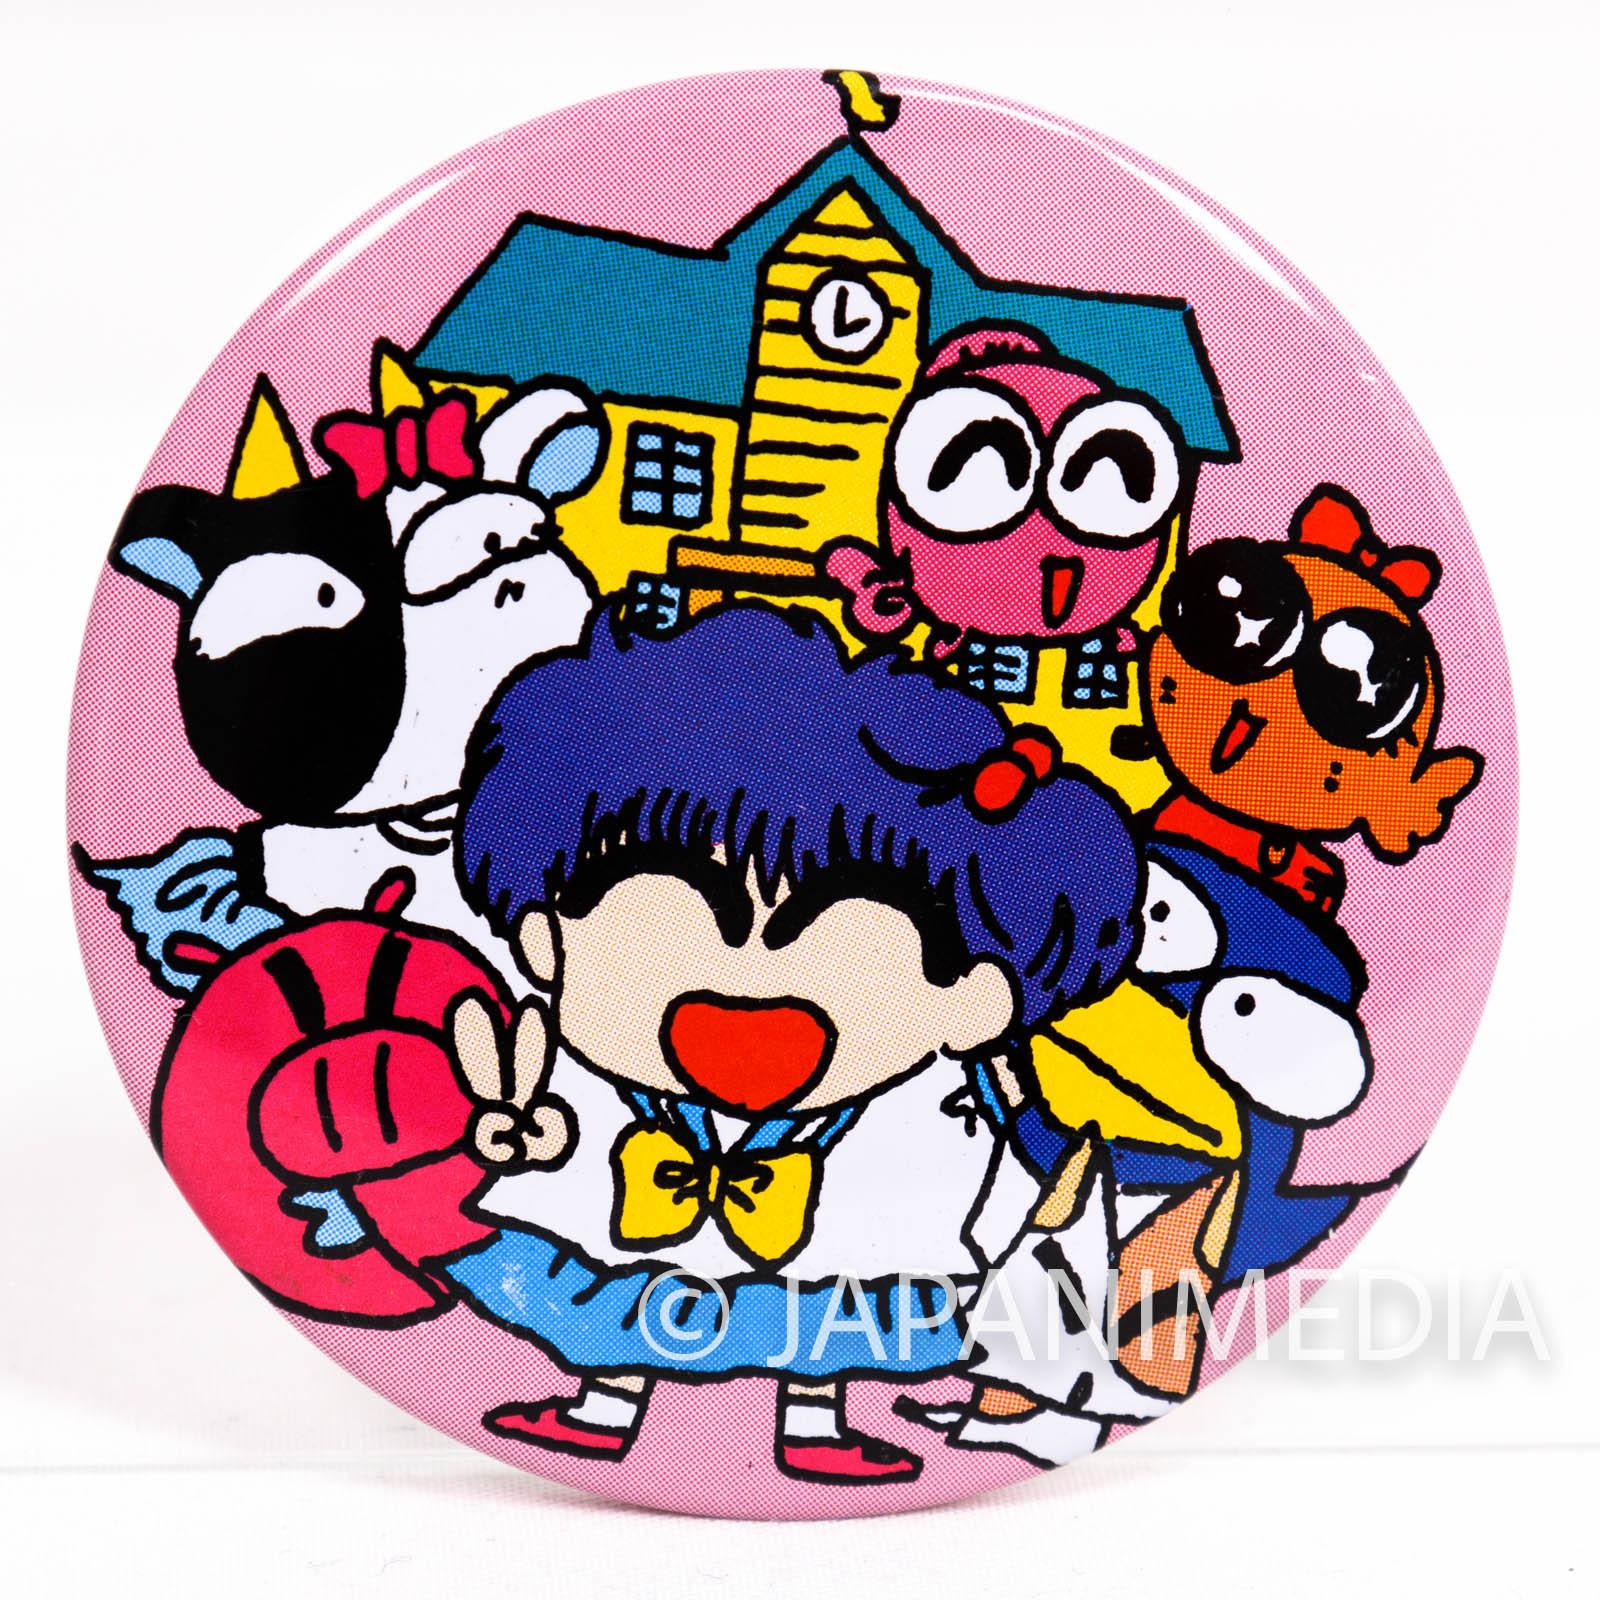 RARE! Goldfish Warning! Button Badge #5 JAPAN ANIME MANGA